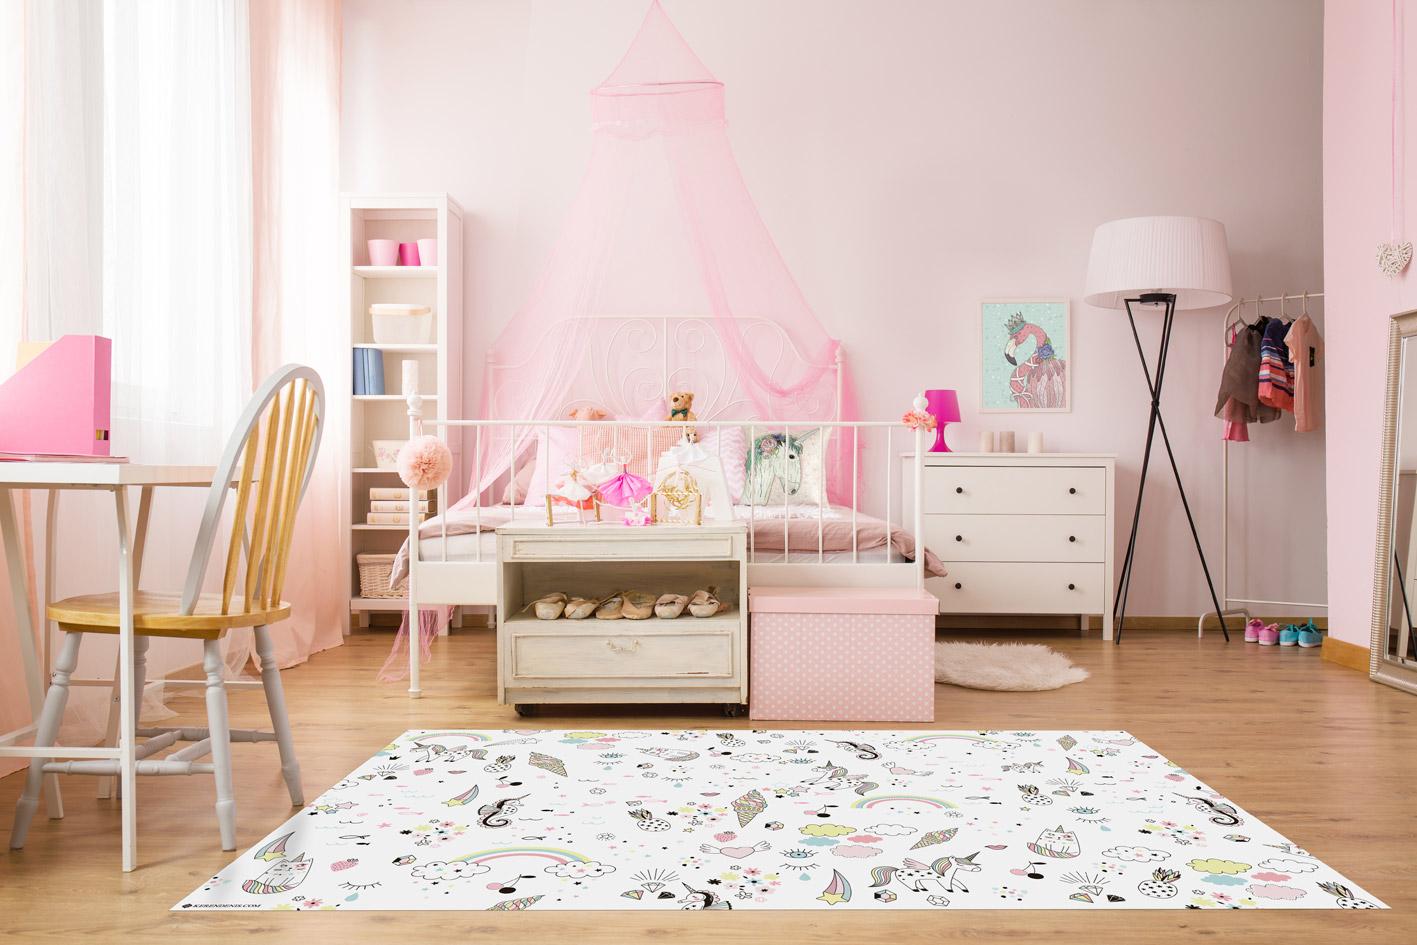 שטיח ויניל לחדר ילדים בהדפס חד קרן